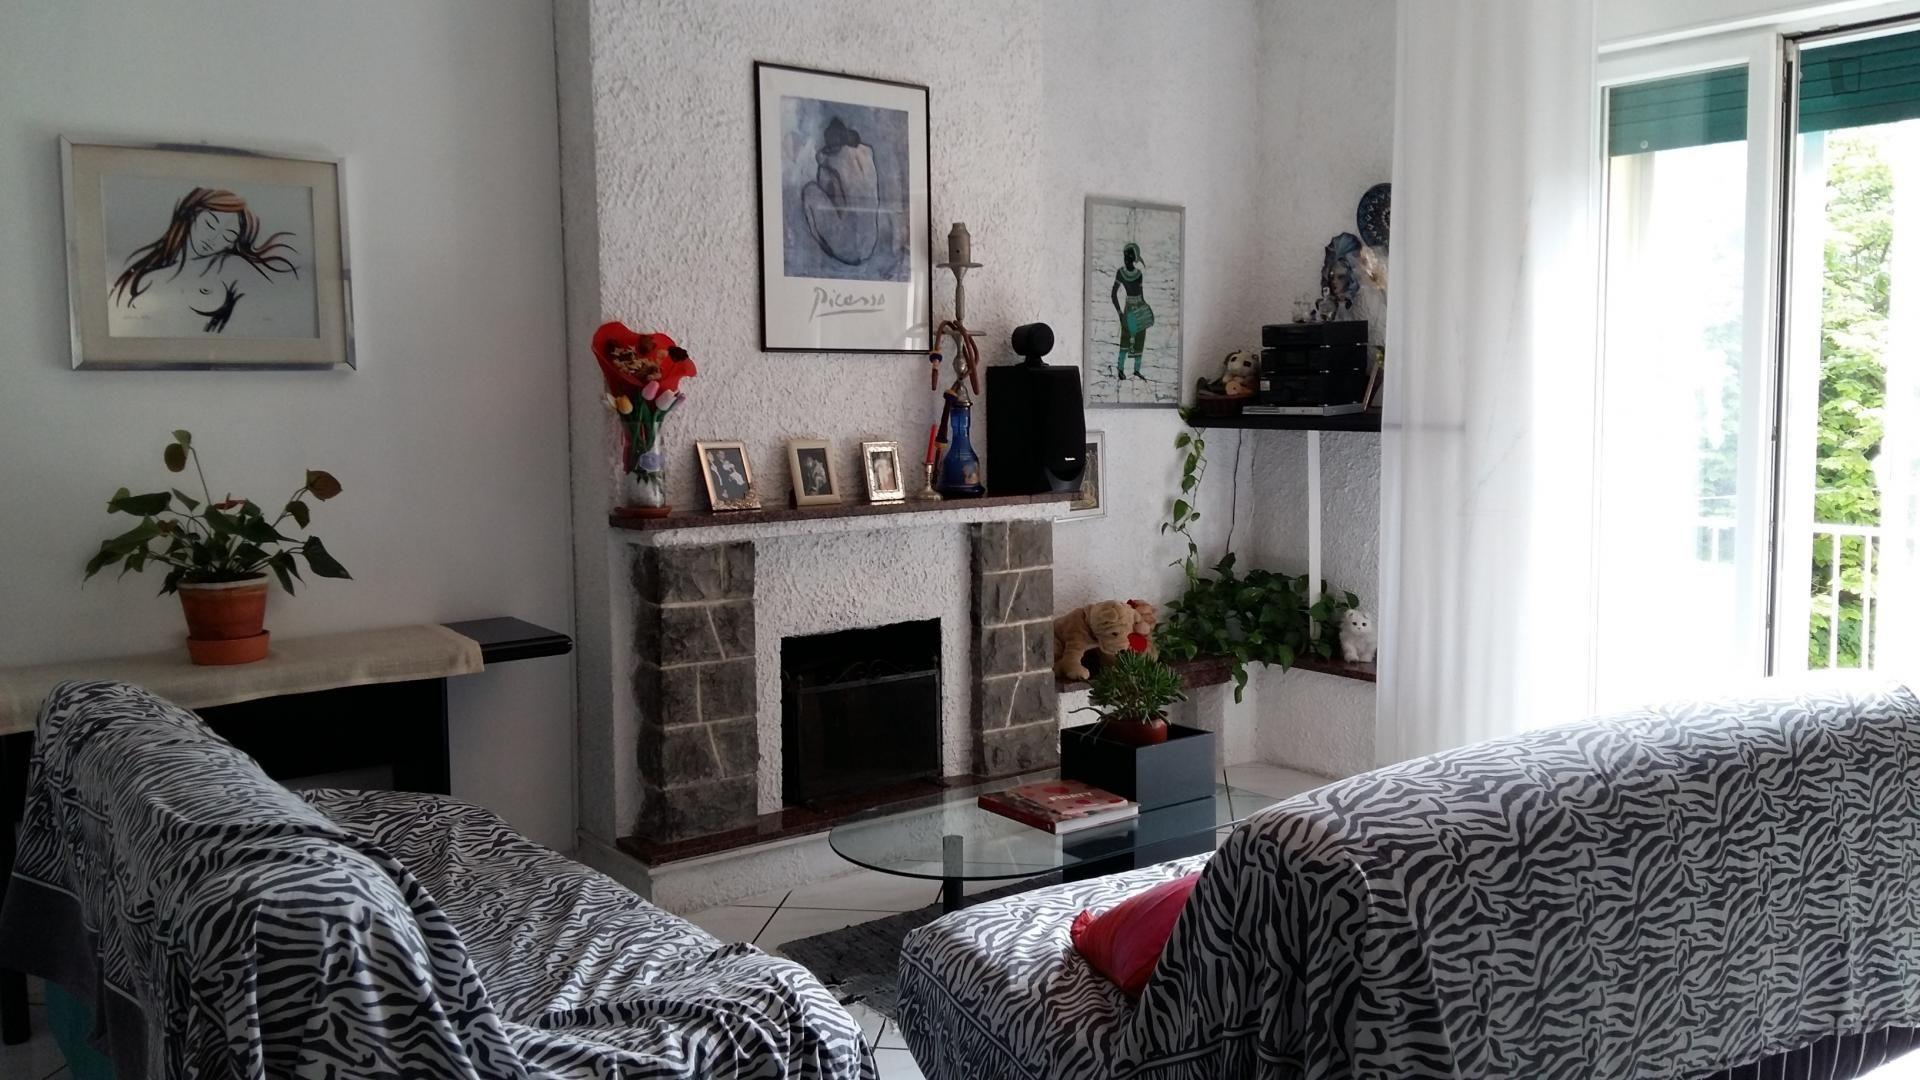 Camere Da Letto Dolfi.Room In 3 Bed Apt At Via Pompeo Scipione Dolfi 3 40122 Bologna